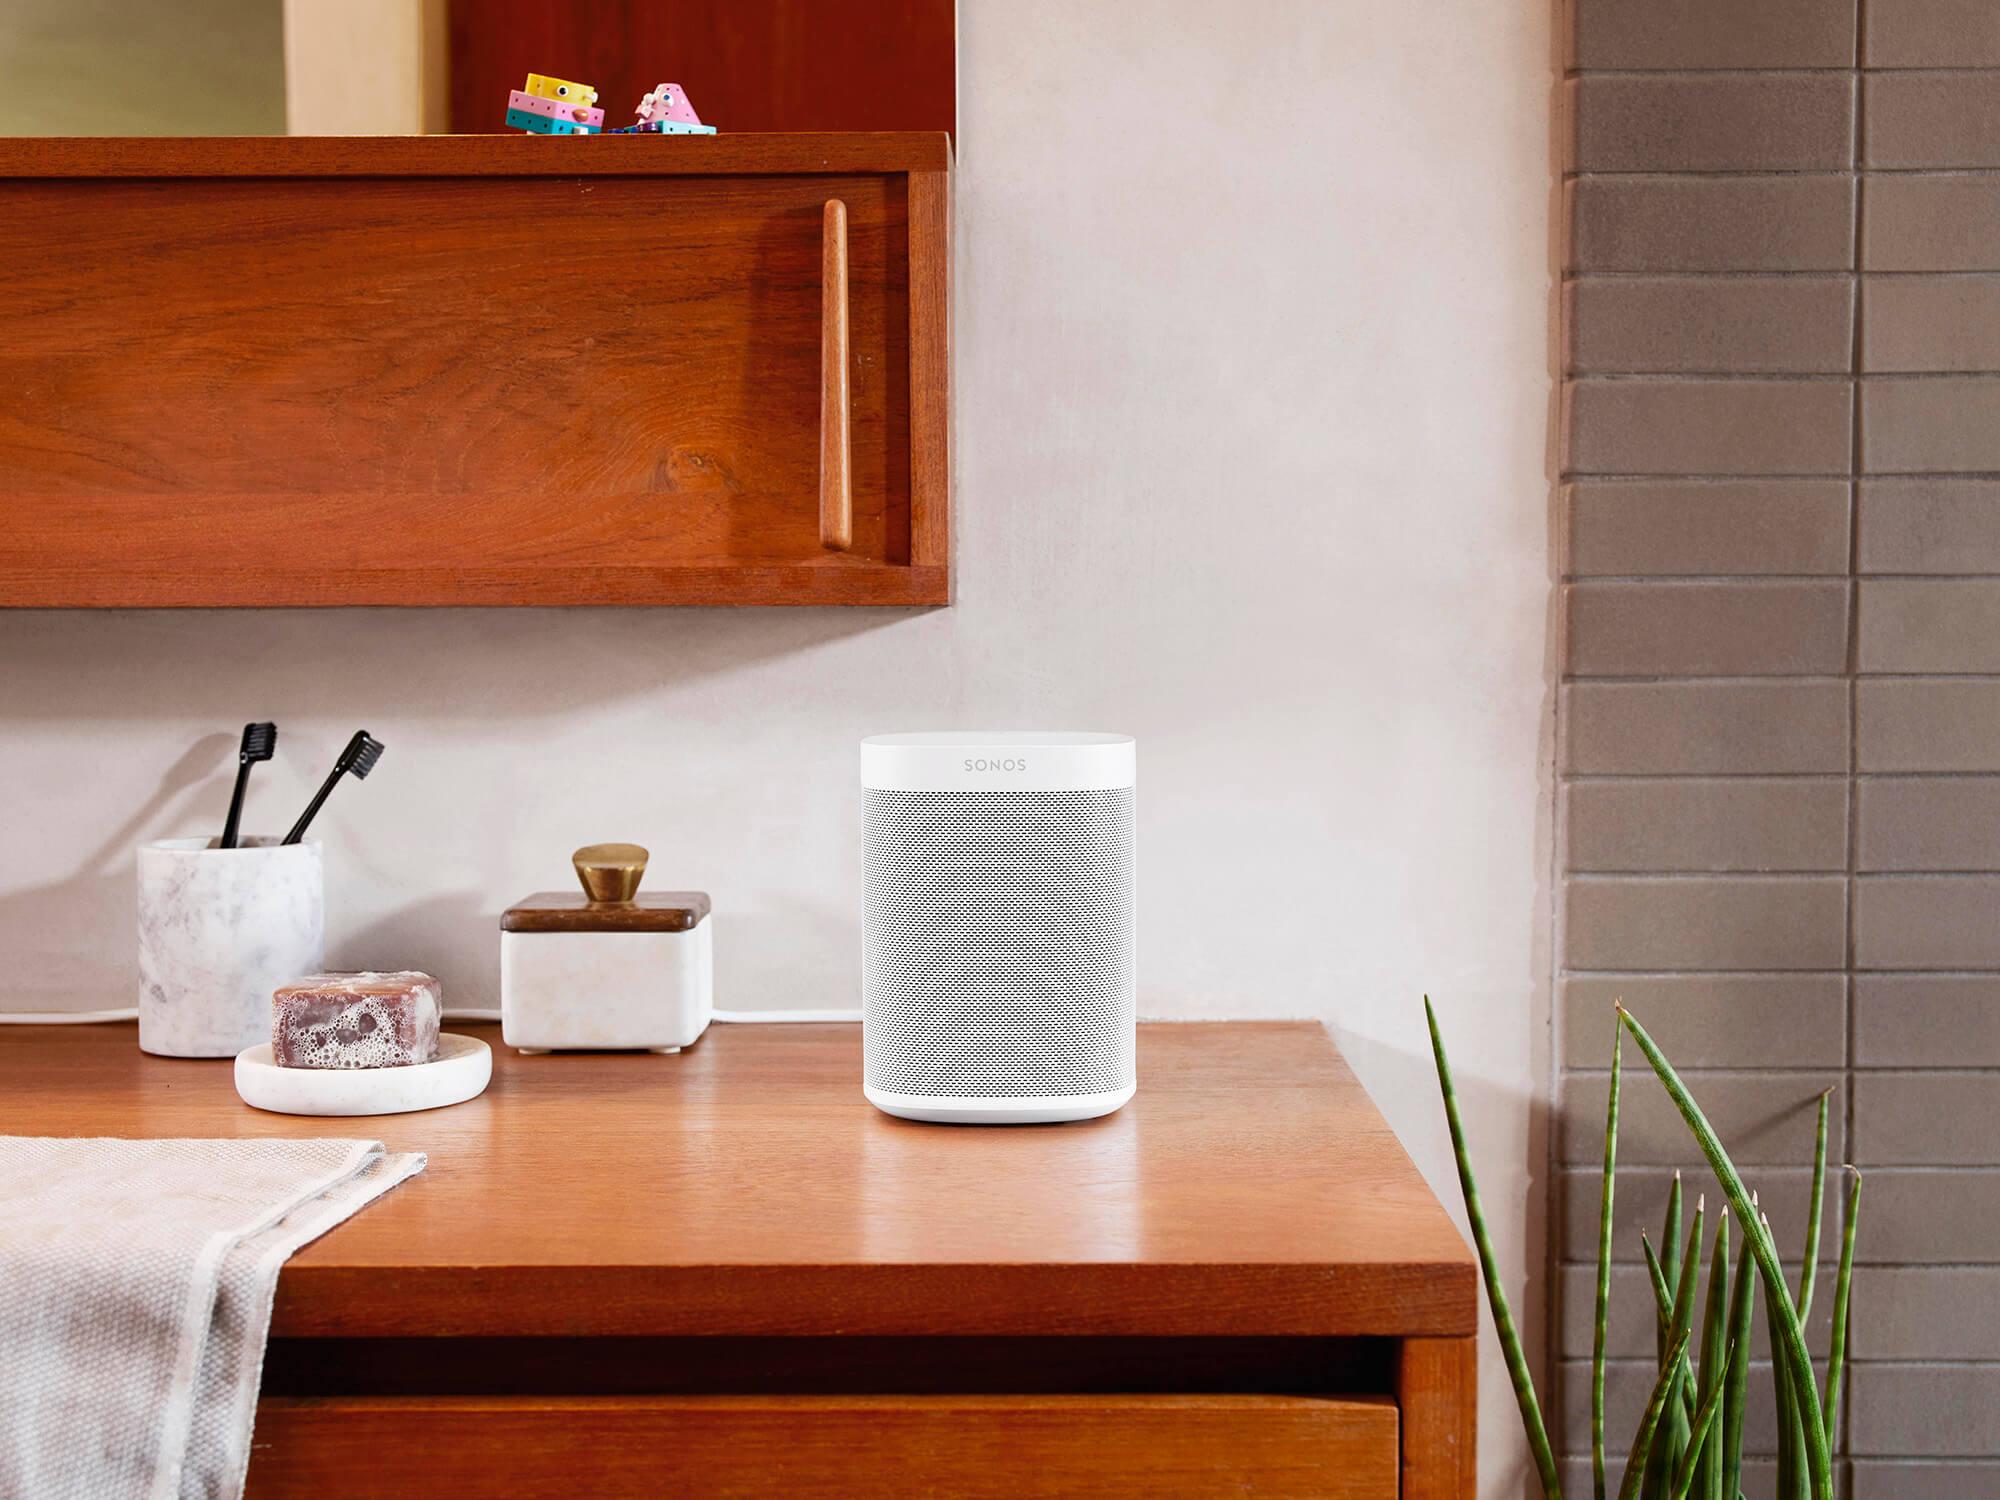 Biały głośnik Sonos na kolorowej półce